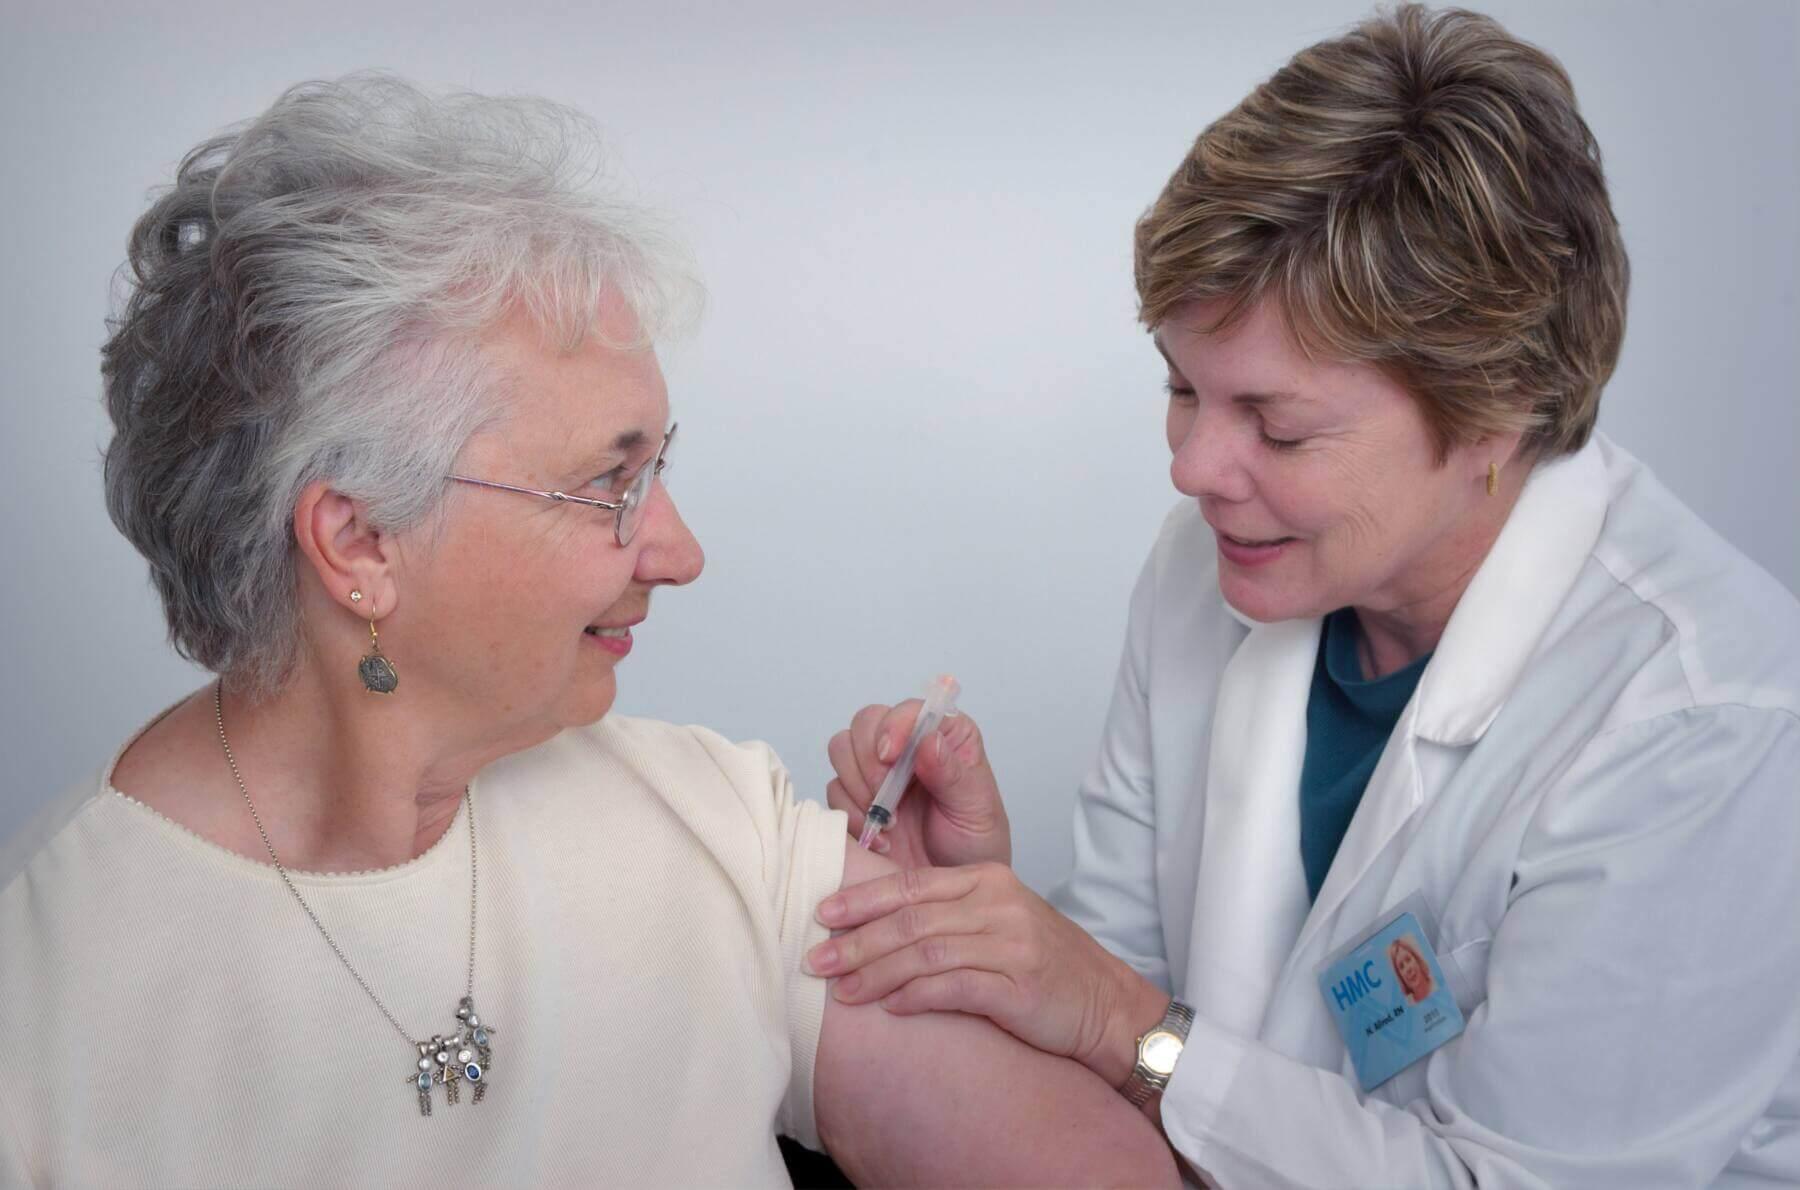 «Value-based Healthcare»: Wirksam Gegen Steigende Gesundheitskosten?